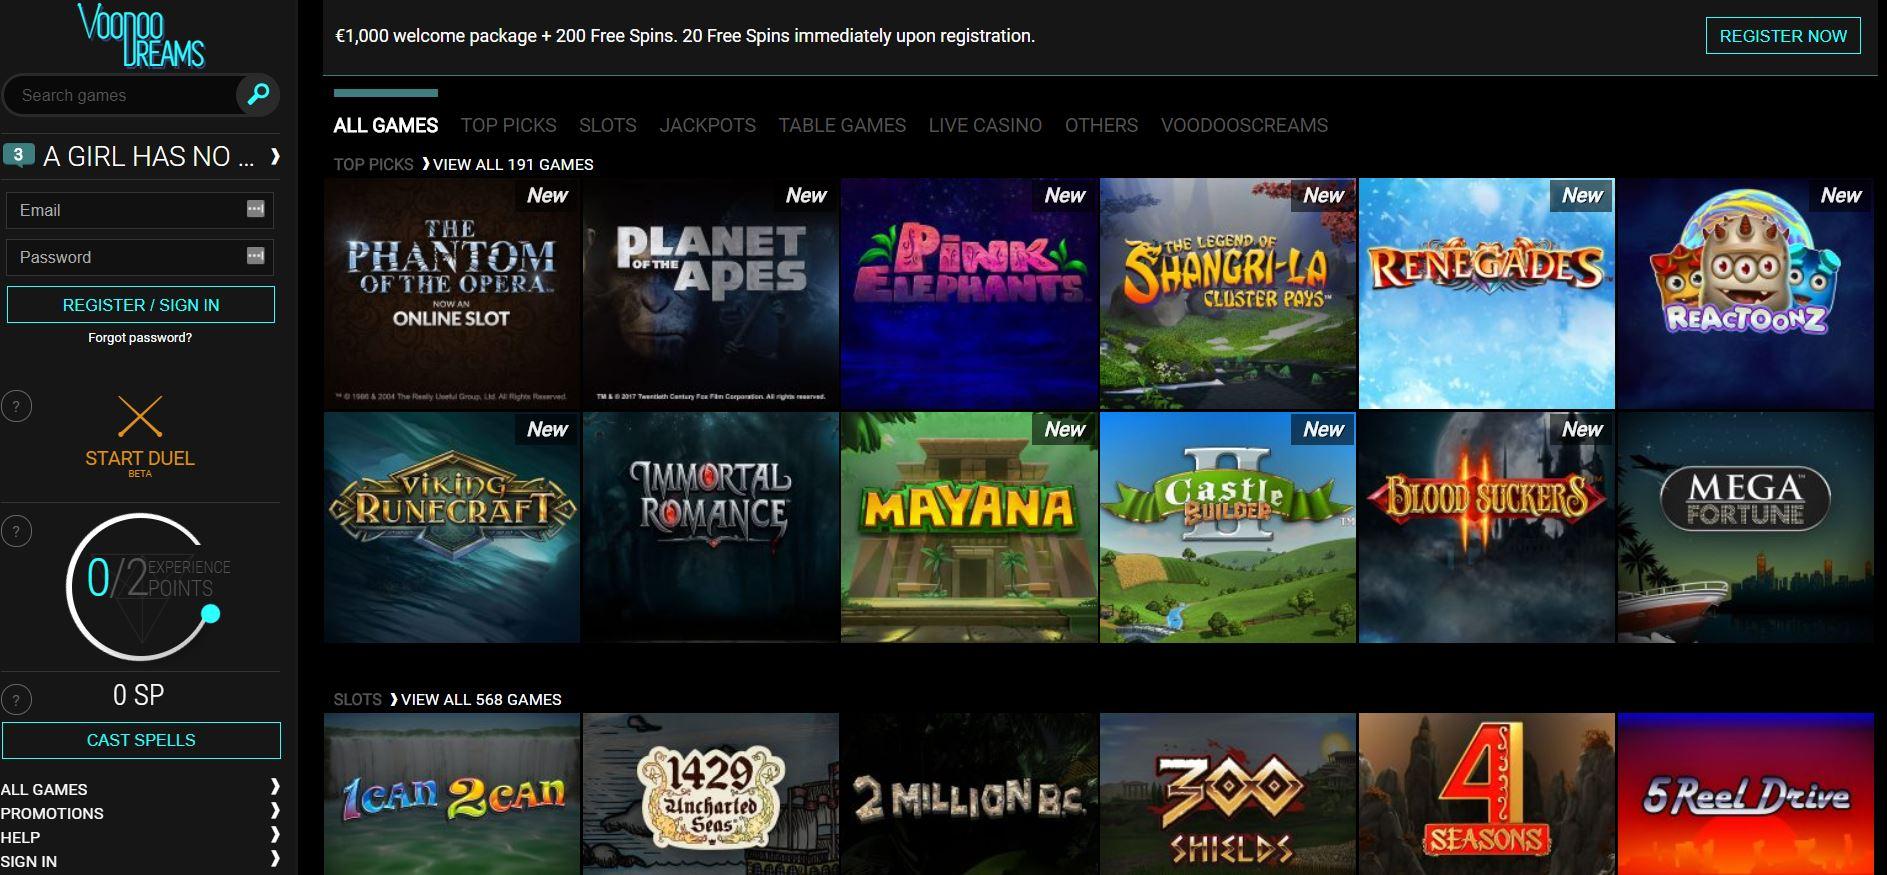 voodoodreams online casino